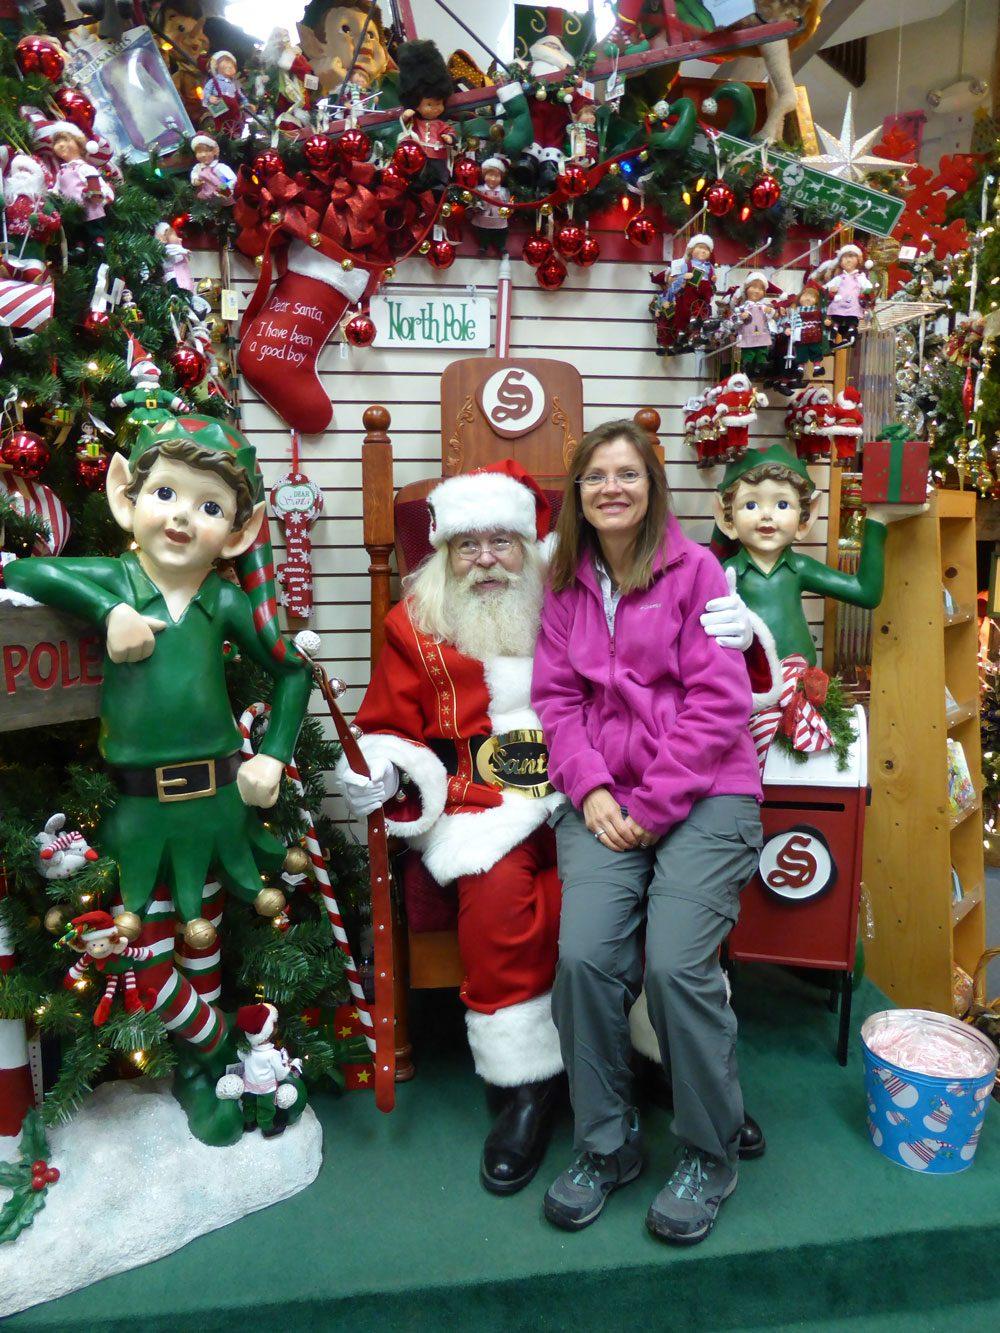 Santa Claus in North Pole